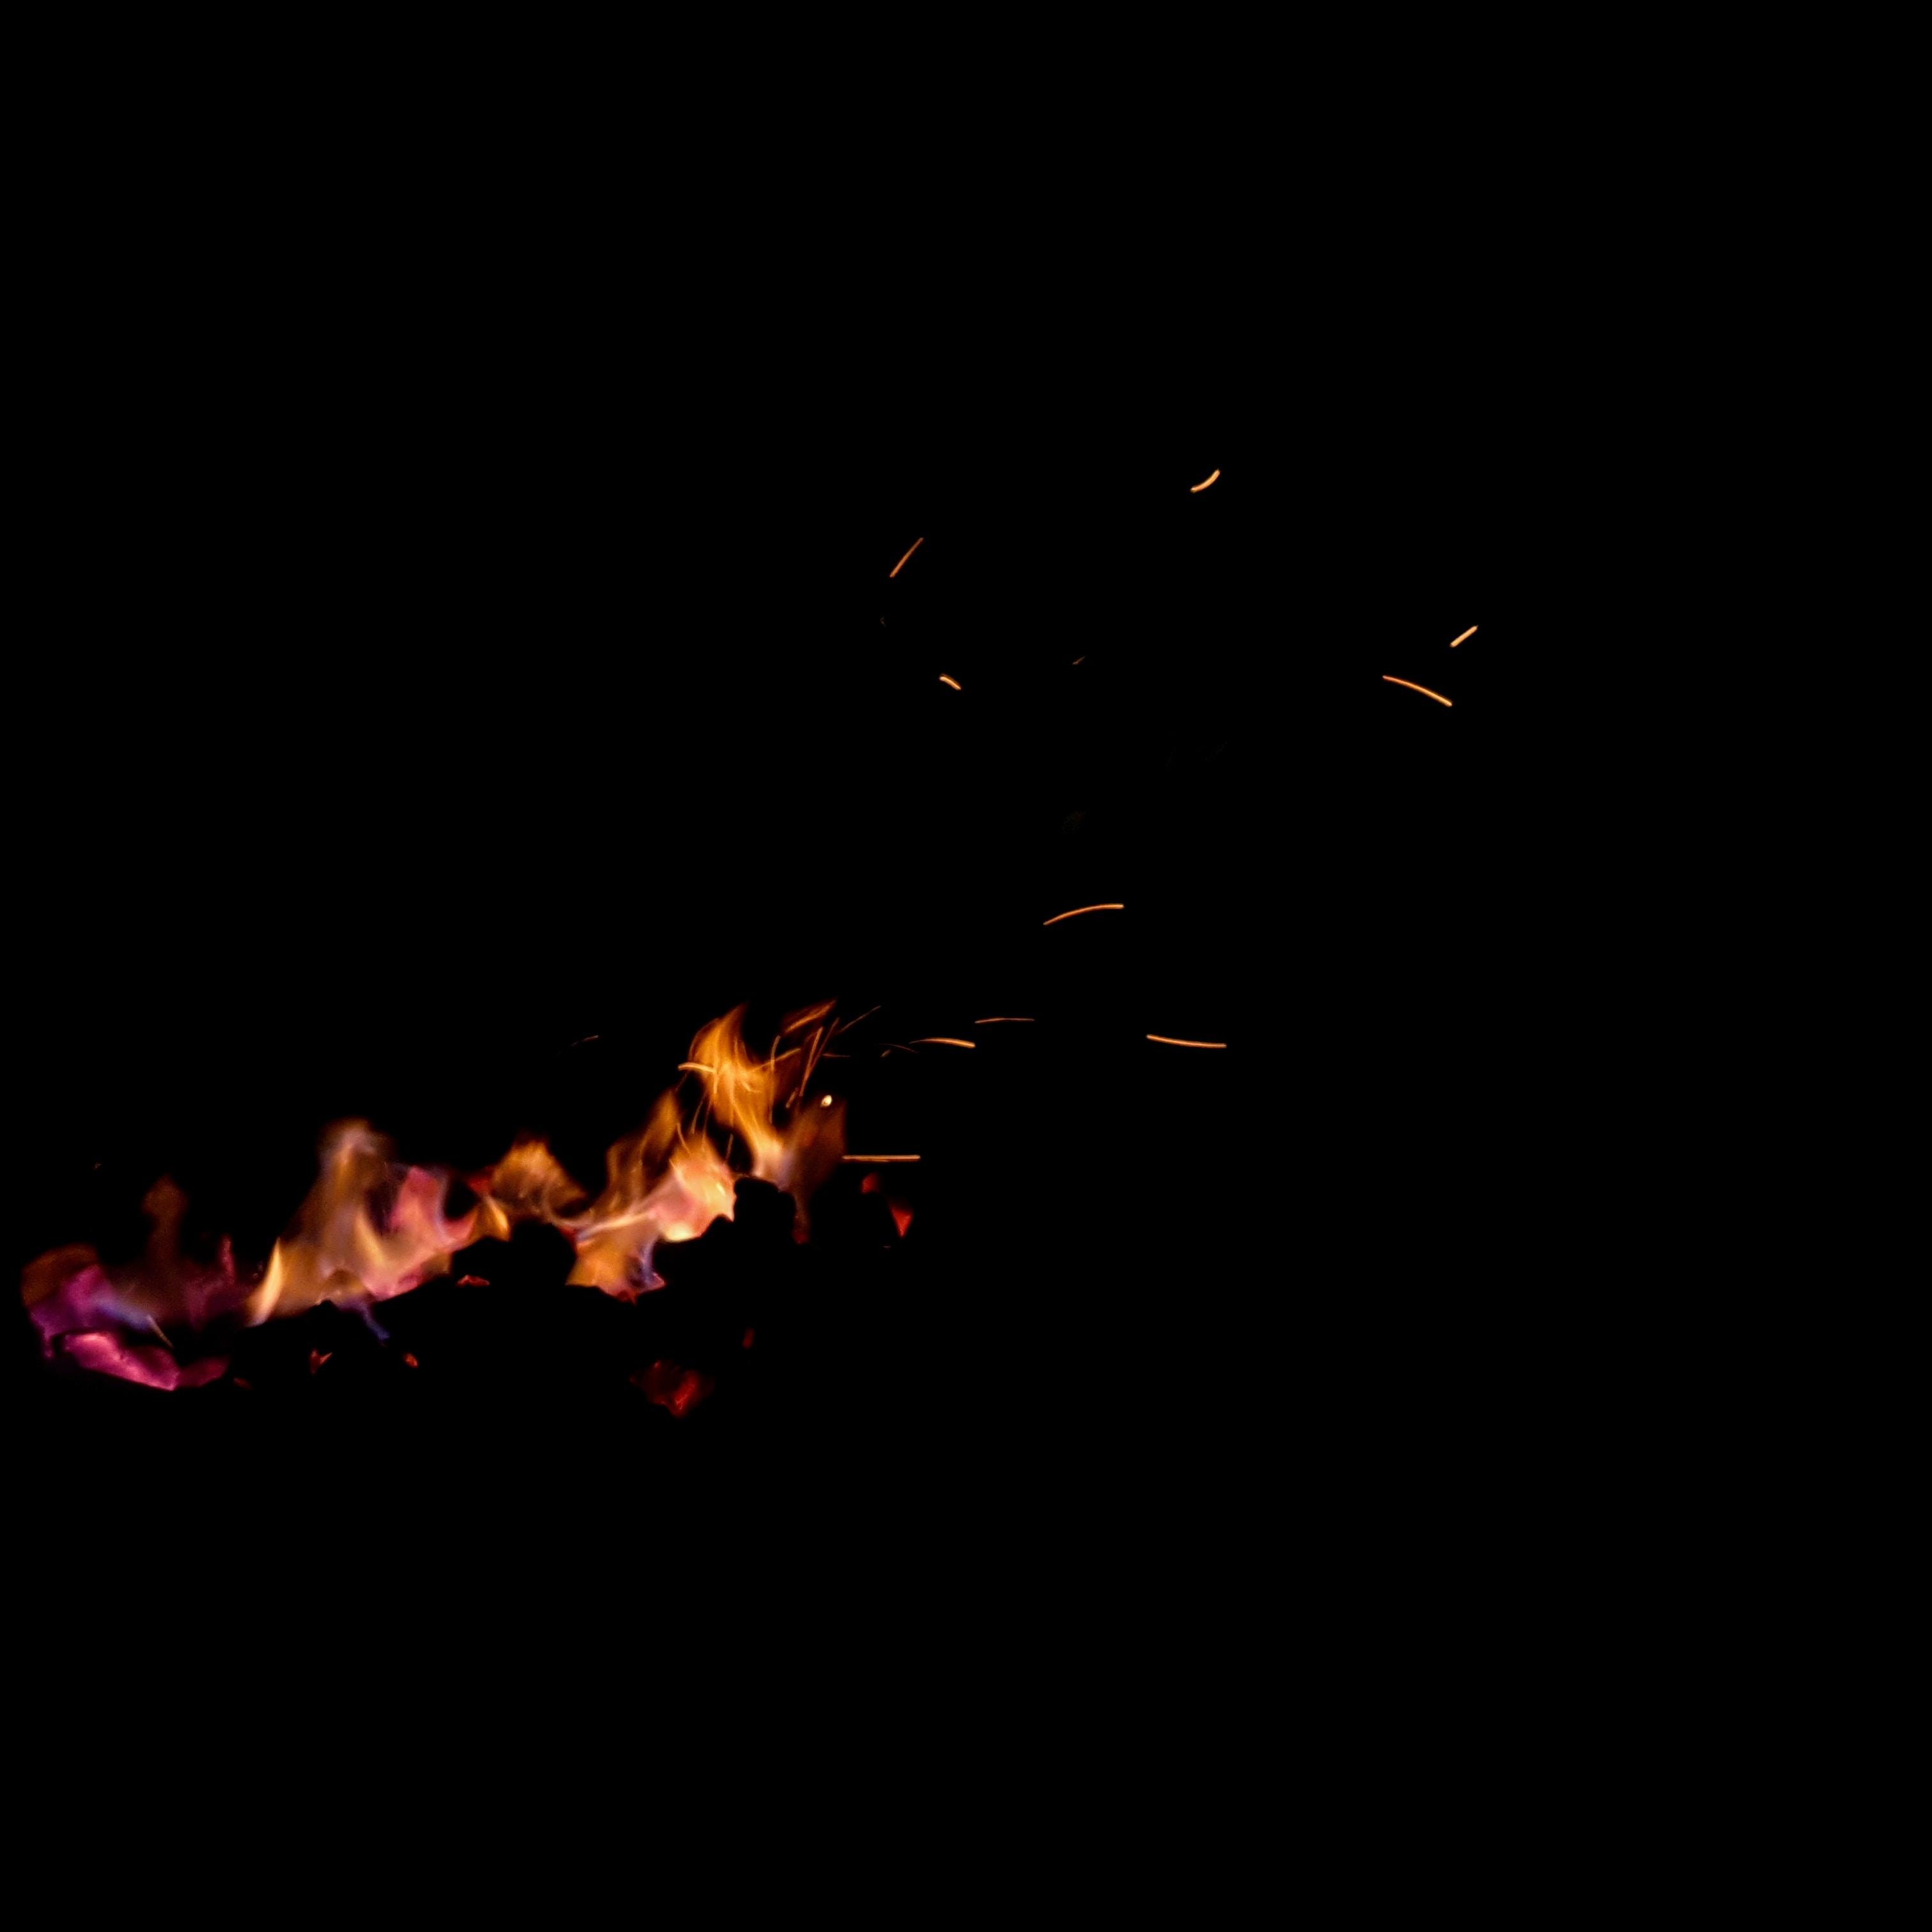 bonfire in black background